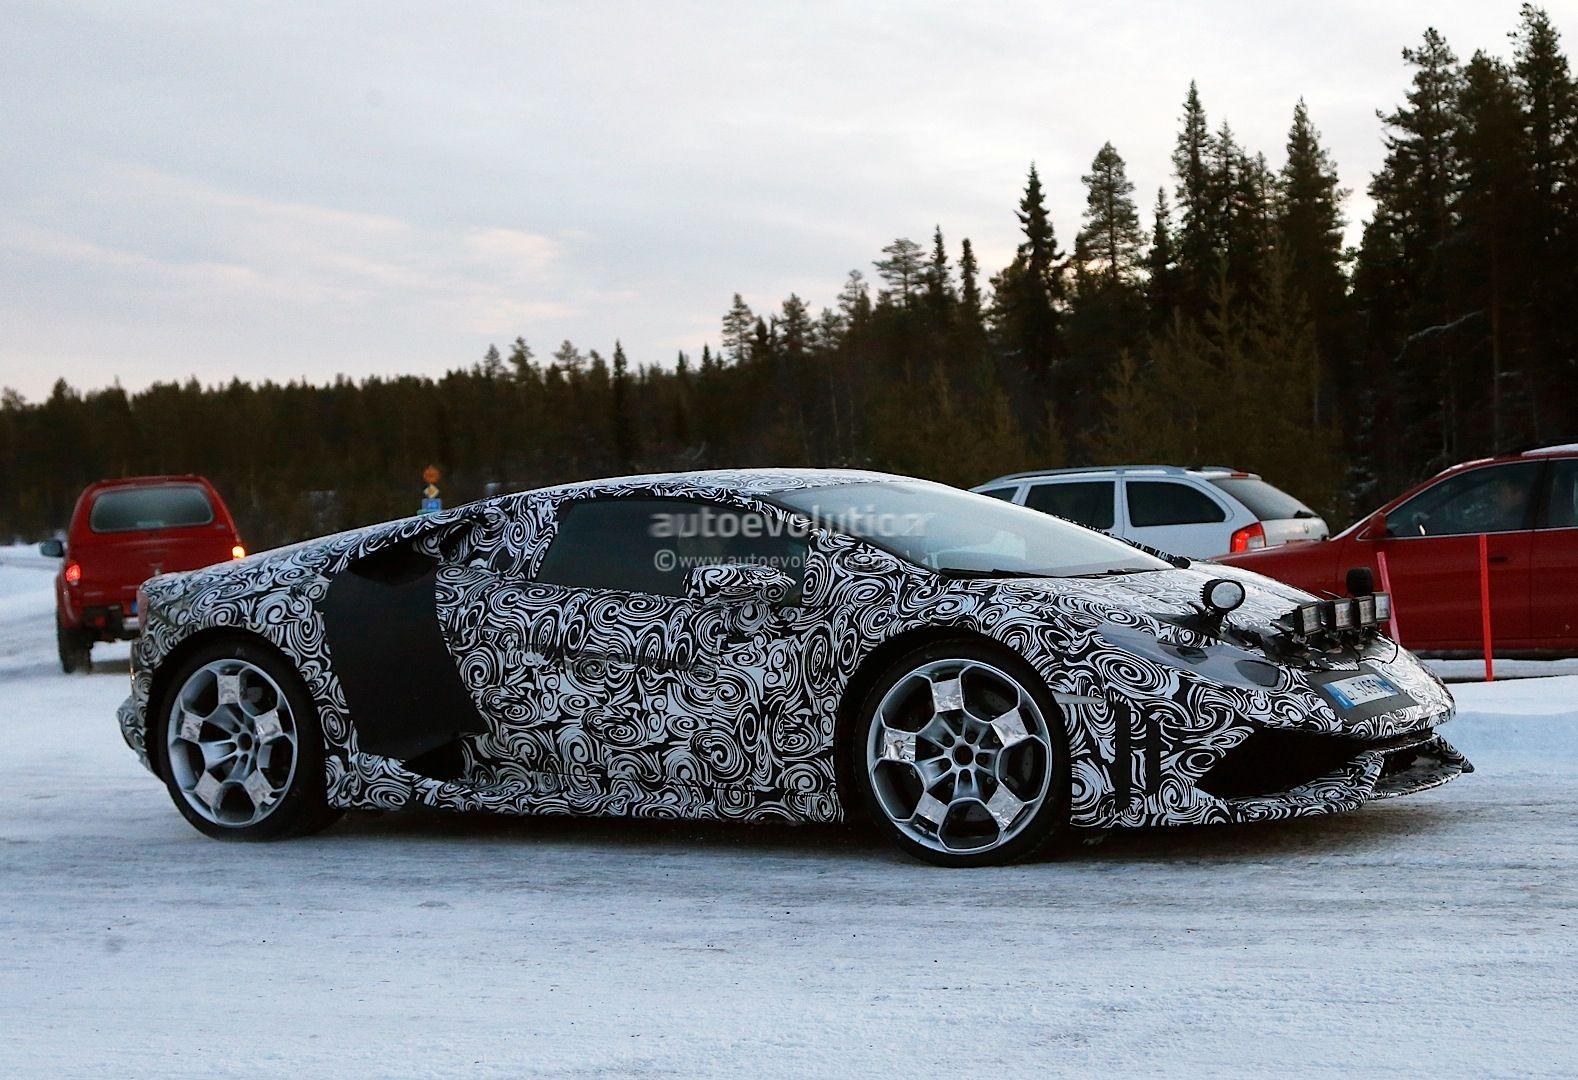 Lamborghini Huracan (Gallardo Successor) Begins Winter Testing - photo ... #lamborghini lamborghini